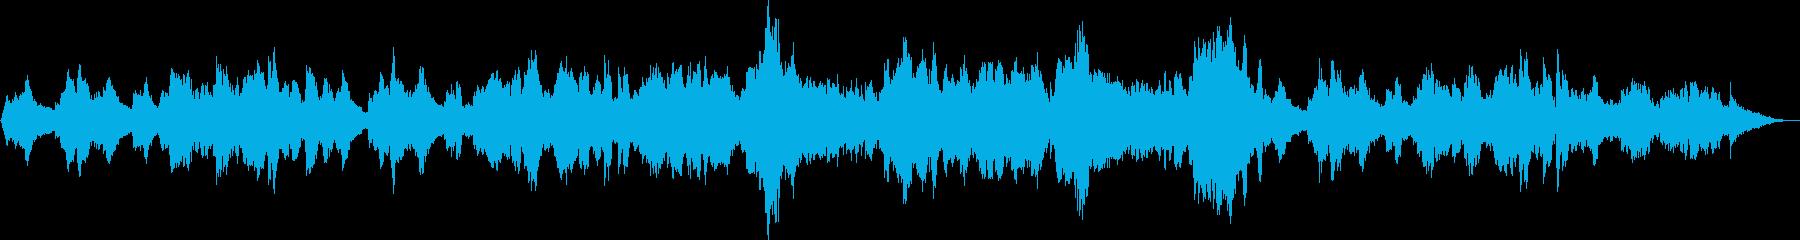 平和なイメージのバイオリン曲の再生済みの波形